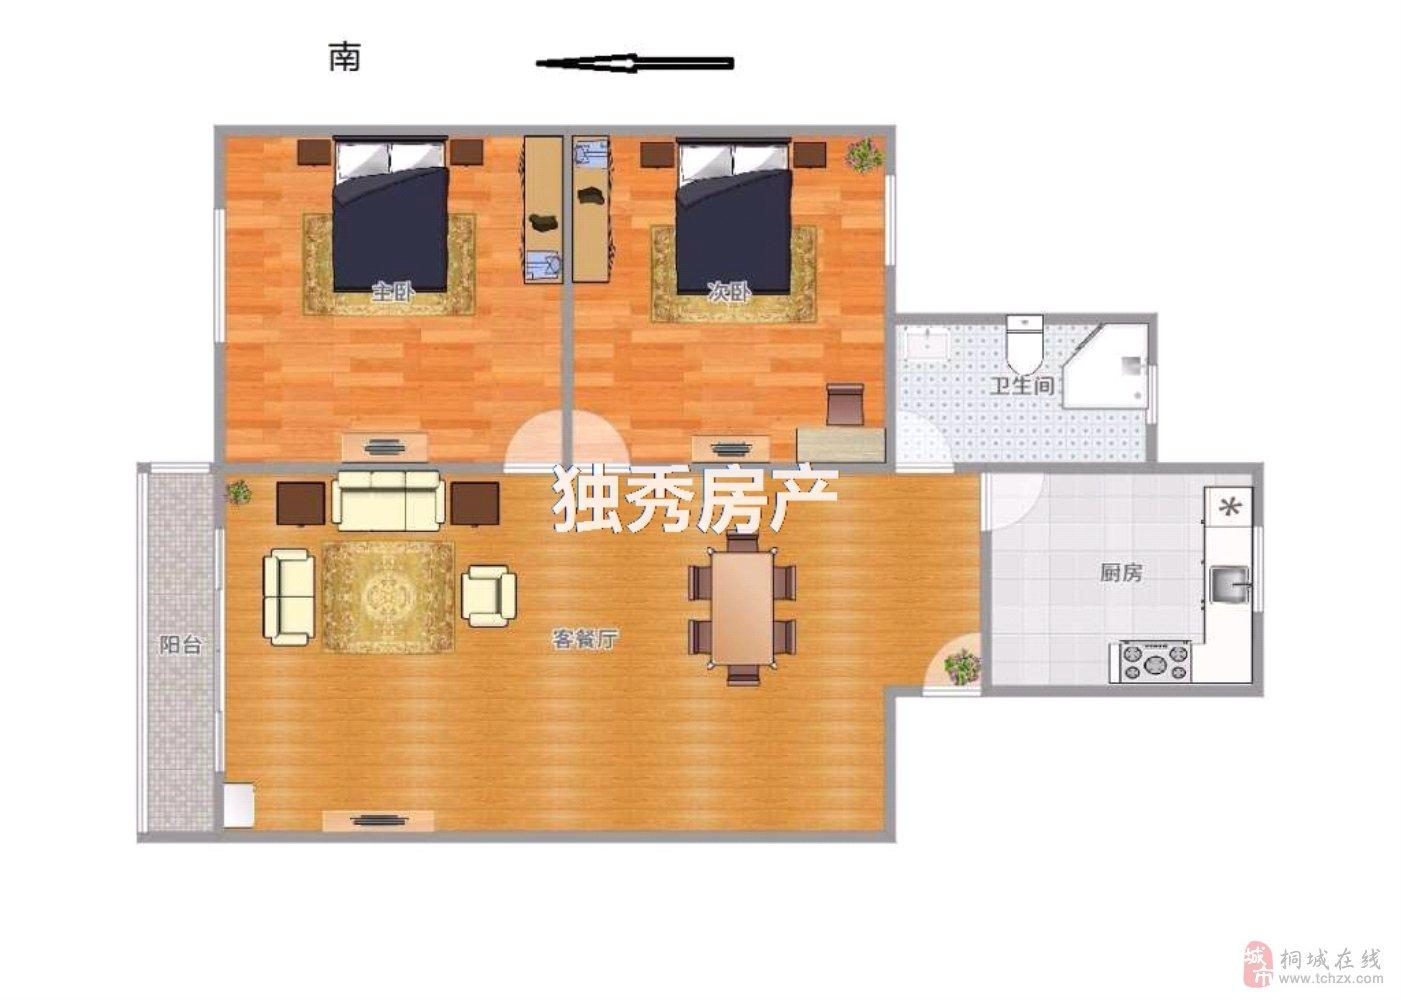 兴尔旺南园2室2厅1卫精装房只需39万